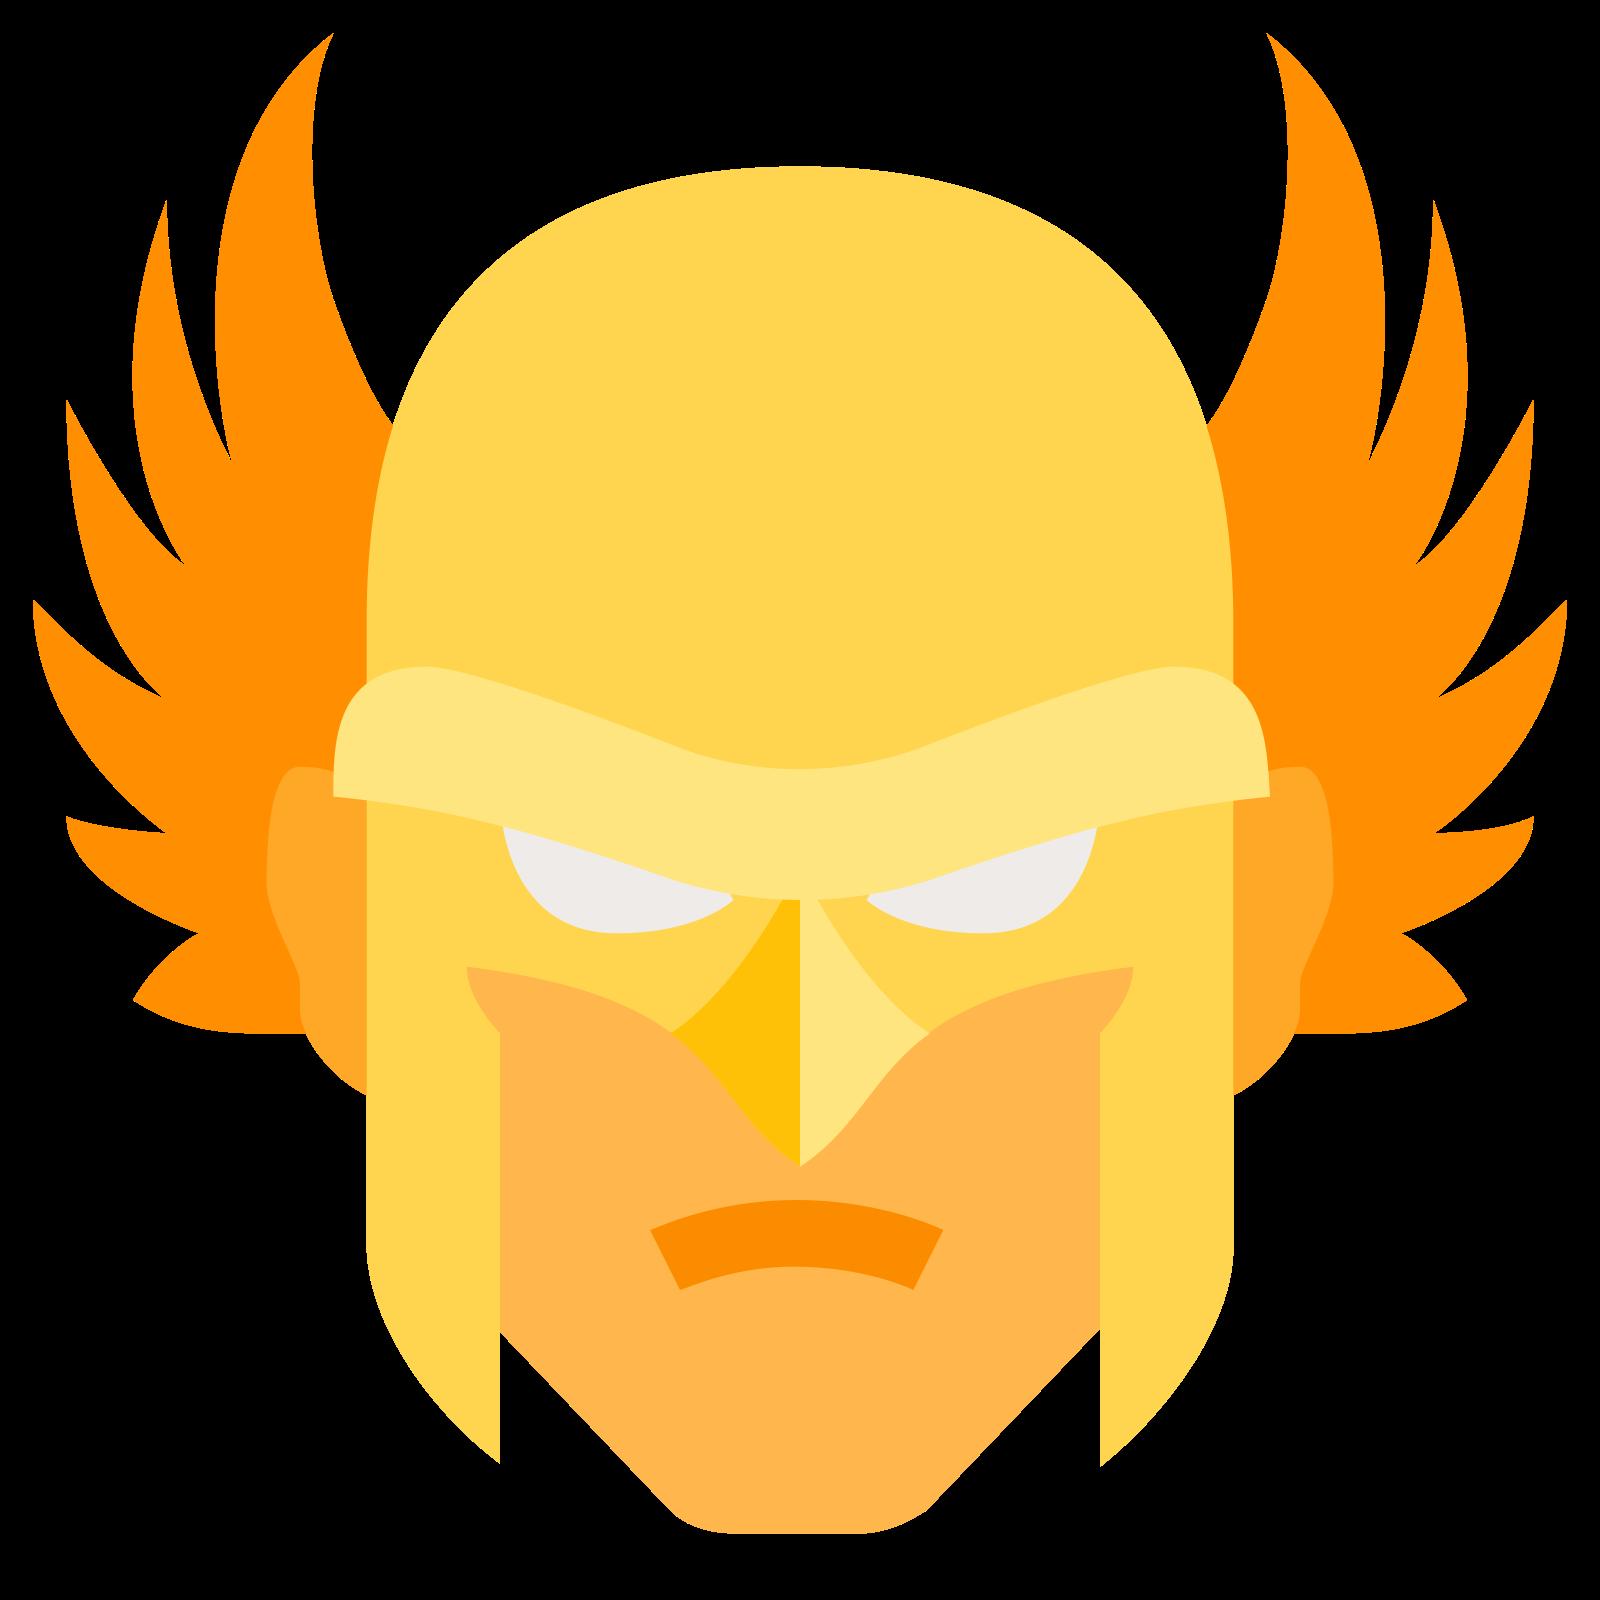 Hawkman icon